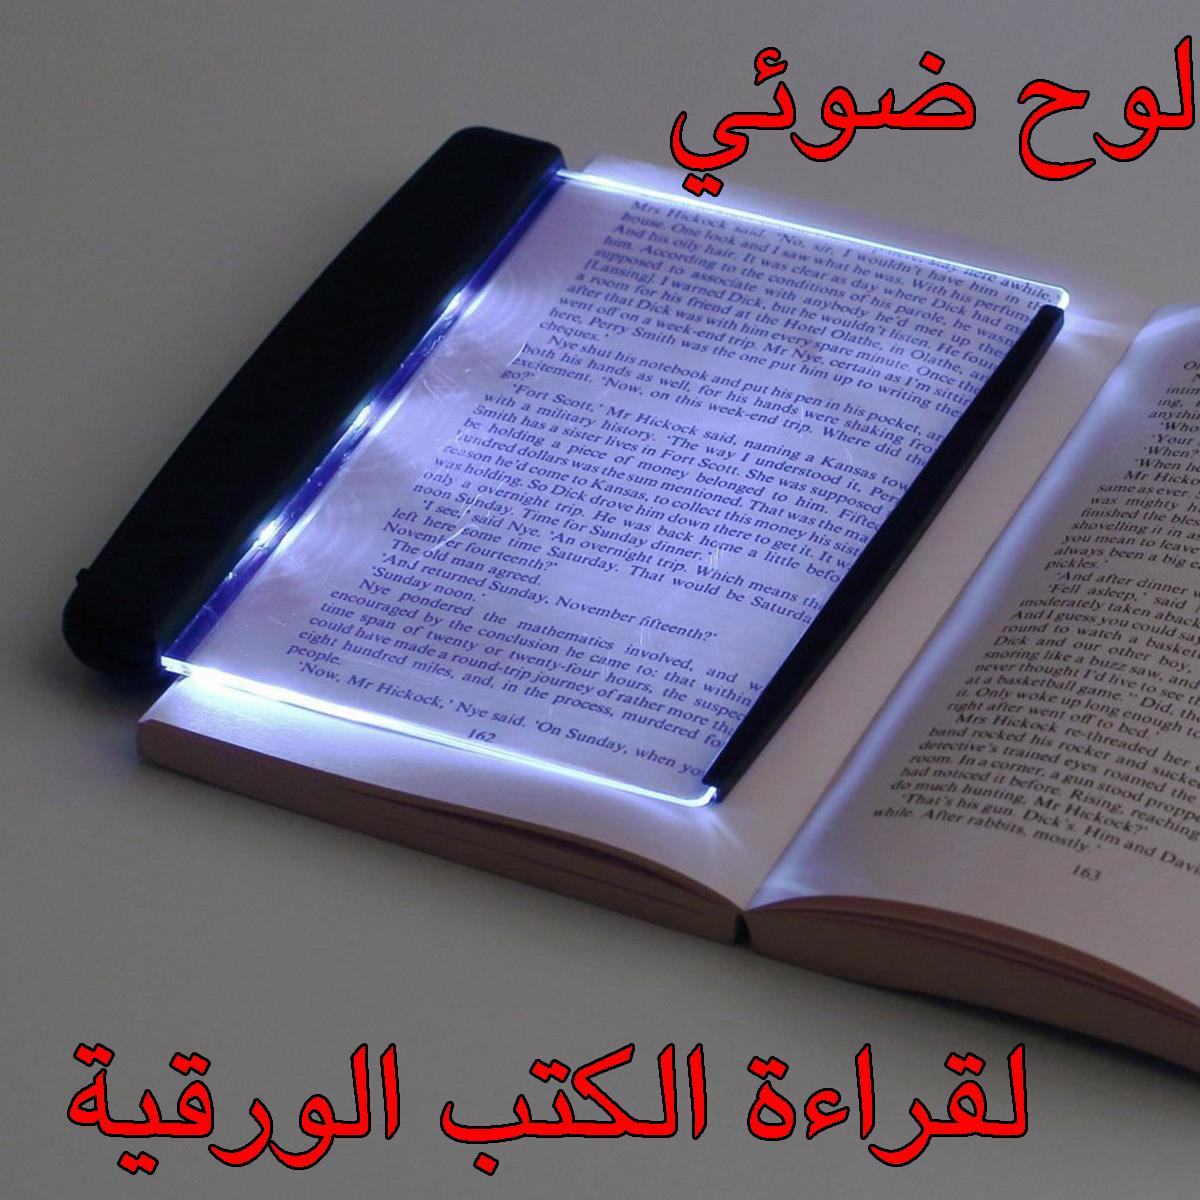 كتاب الموهبة لا تكفى أبداً تلخيص كتاب الموهبة وحدها لا تكفي  الموهبة وحدها لا تكفي ... استمر دائما  كتاب موهبة pdf